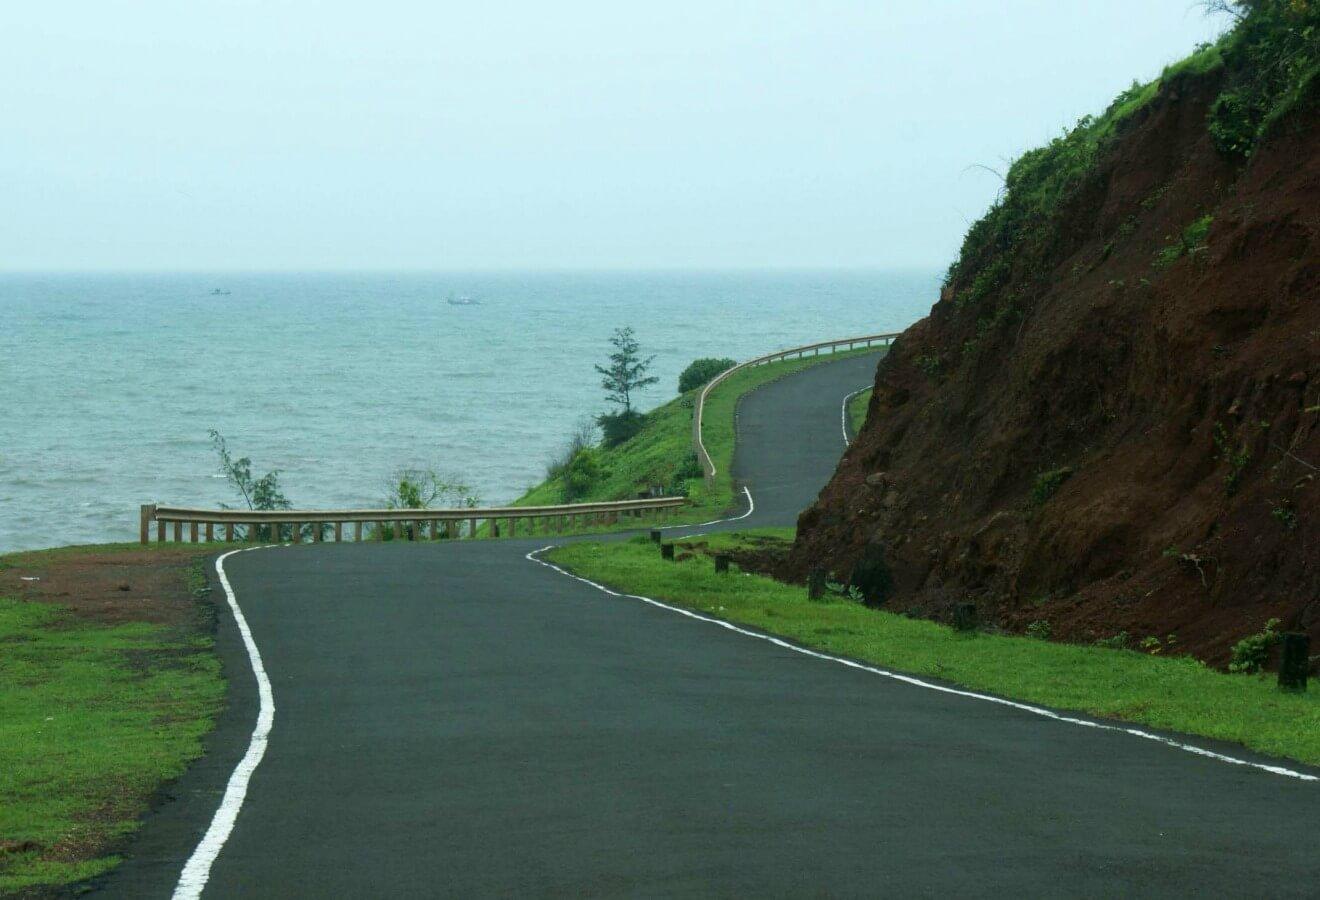 Road in Ganpatipule Maharashtra